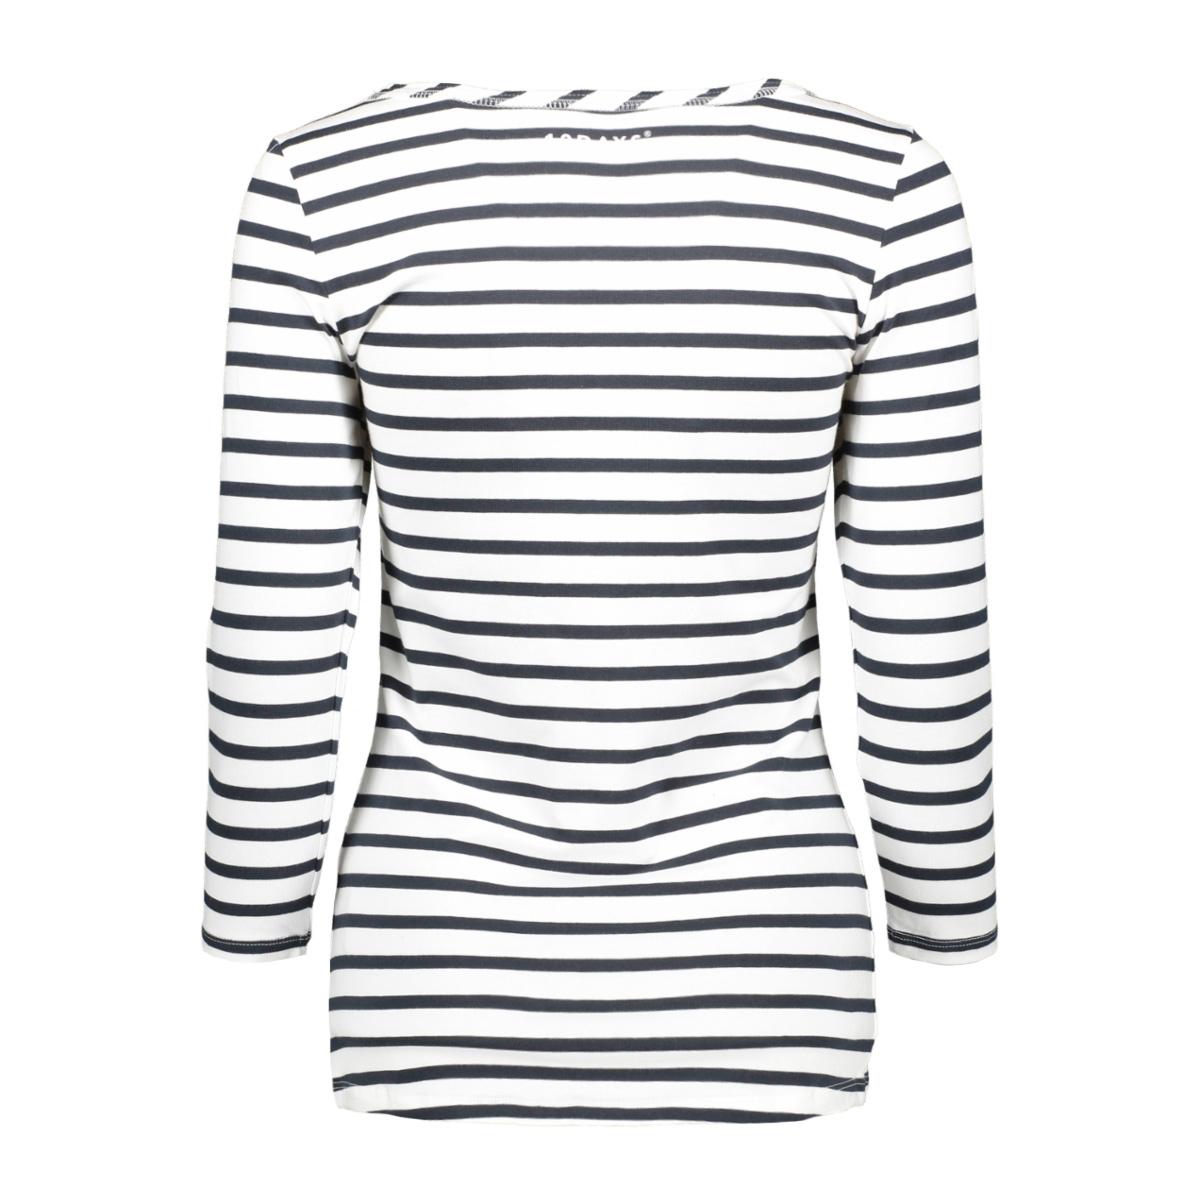 20 785 9101 10 days t-shirt dark grey blue-ecru